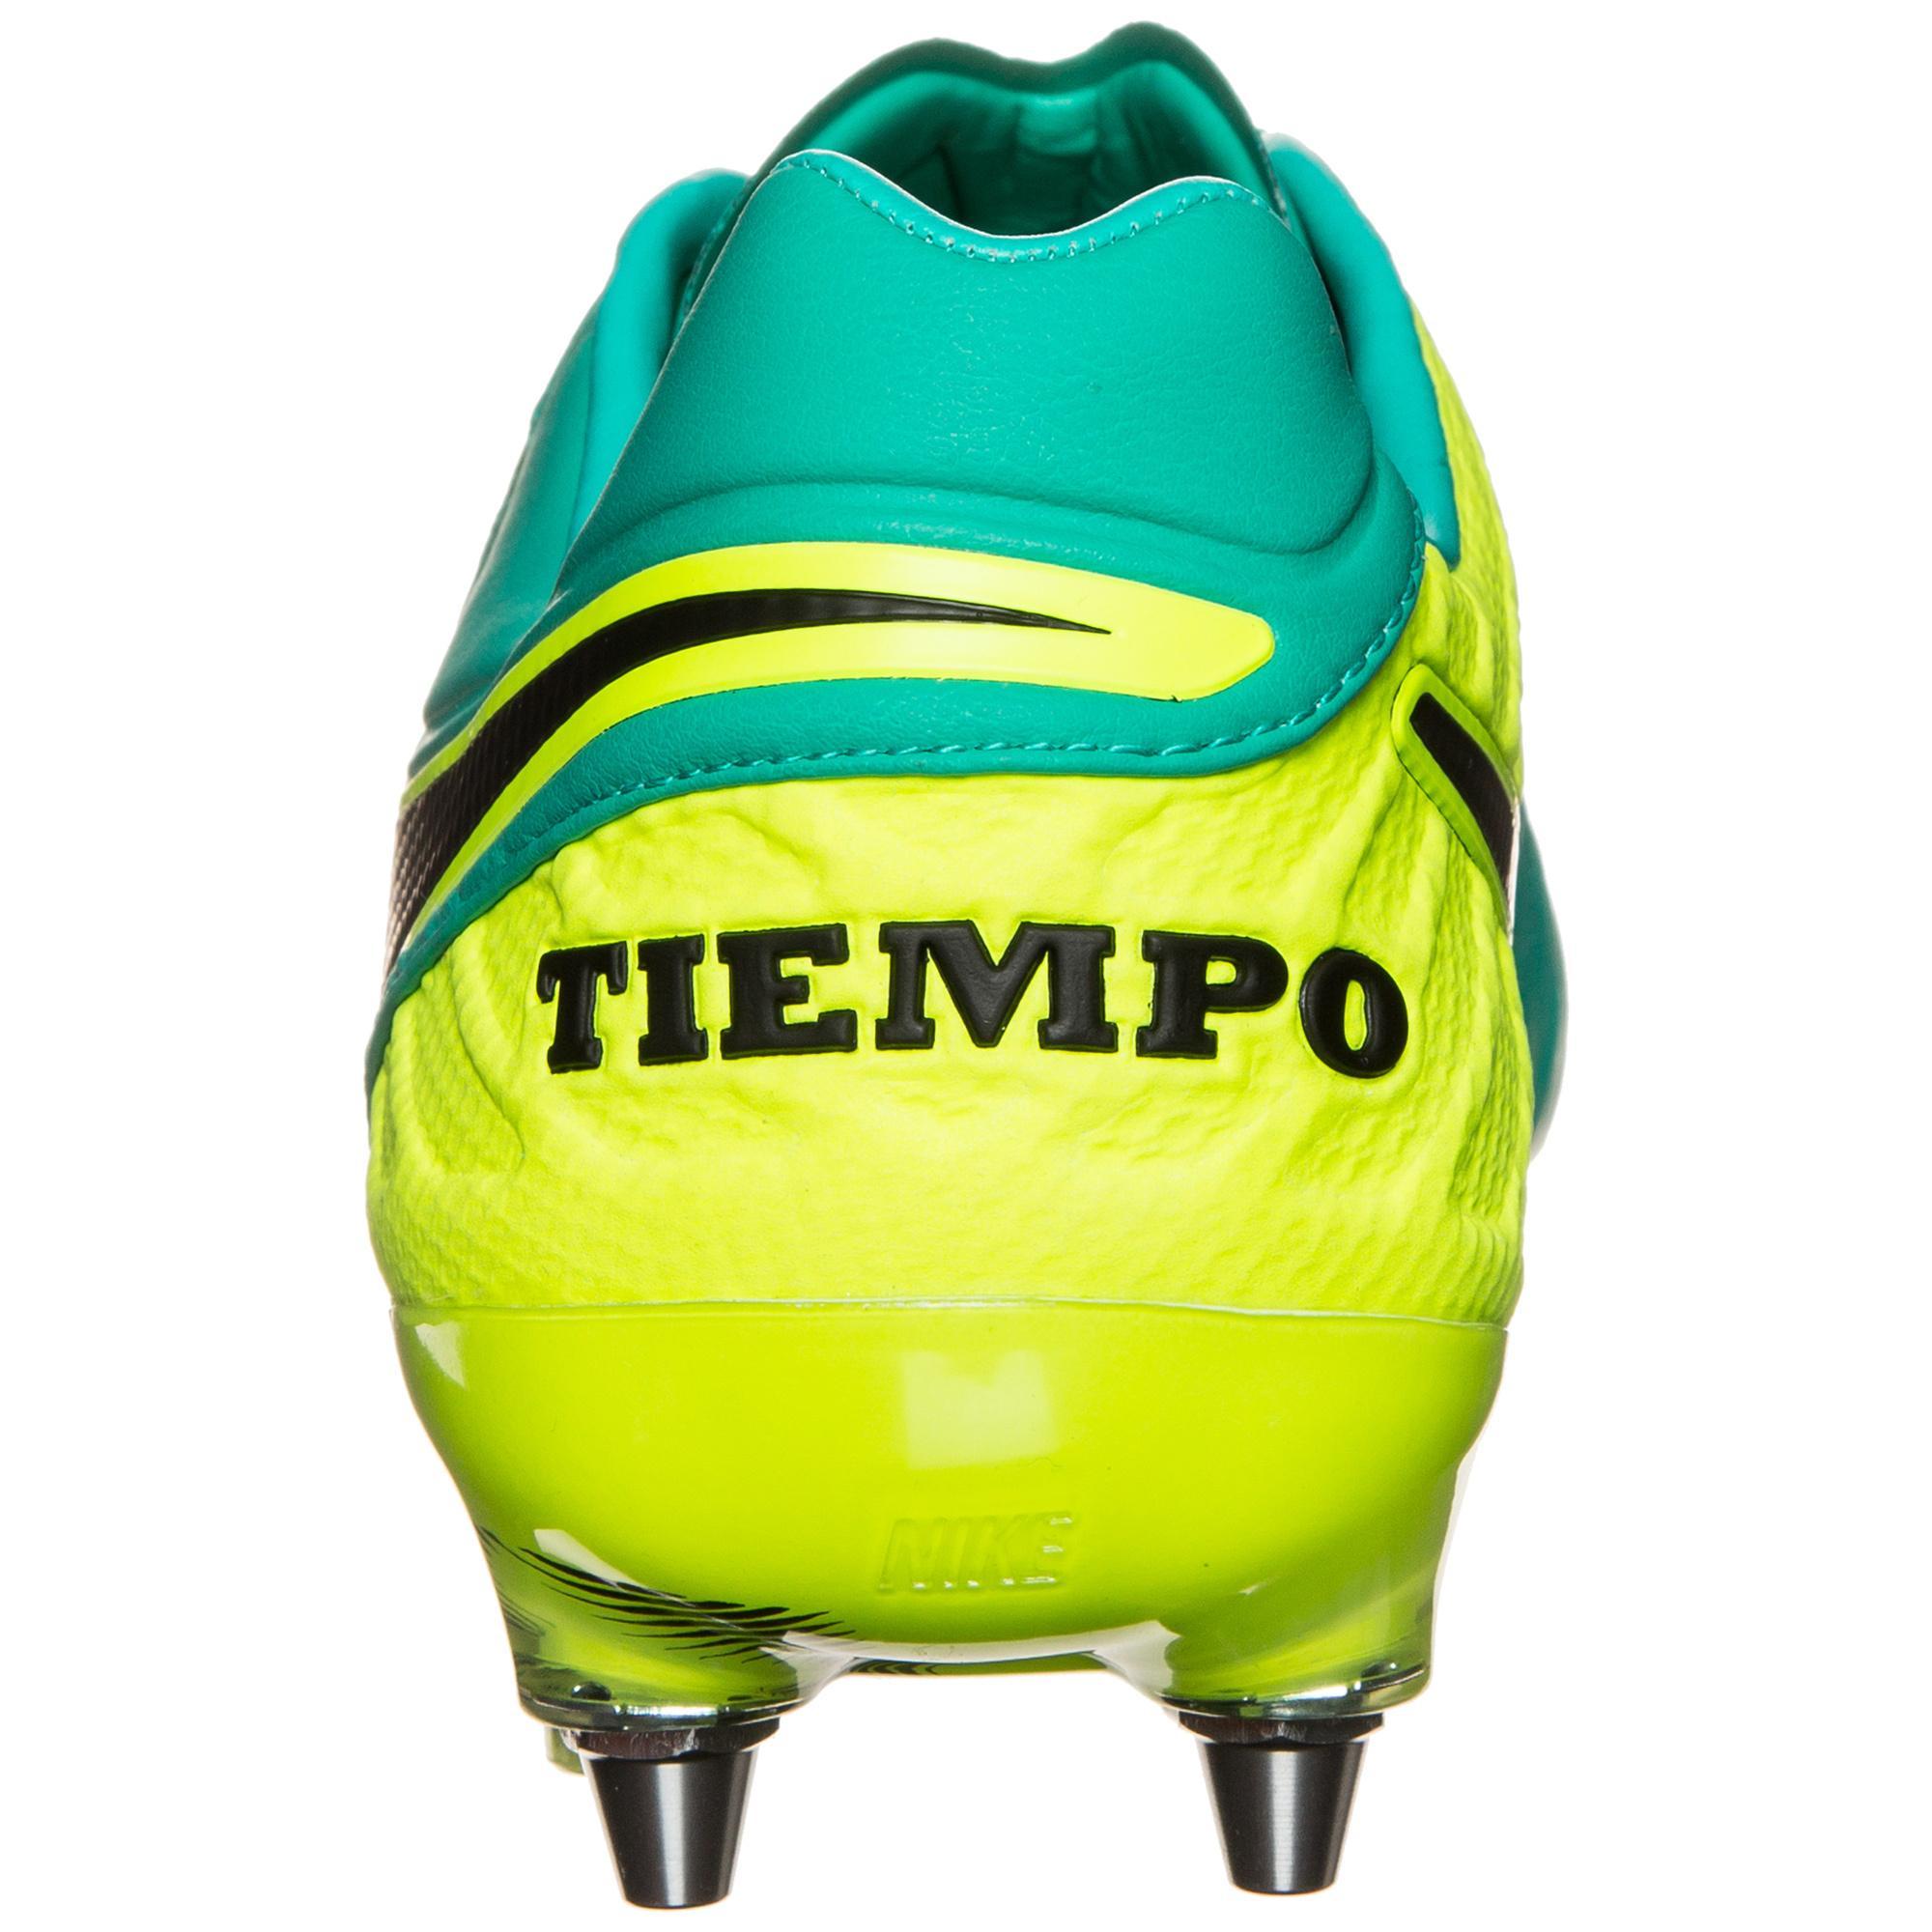 Nike Tiempo Legend VI Fußballschuhe Herren türkis türkis türkis / neongelb im Online Shop von SportScheck kaufen Gute Qualität beliebte Schuhe 613955